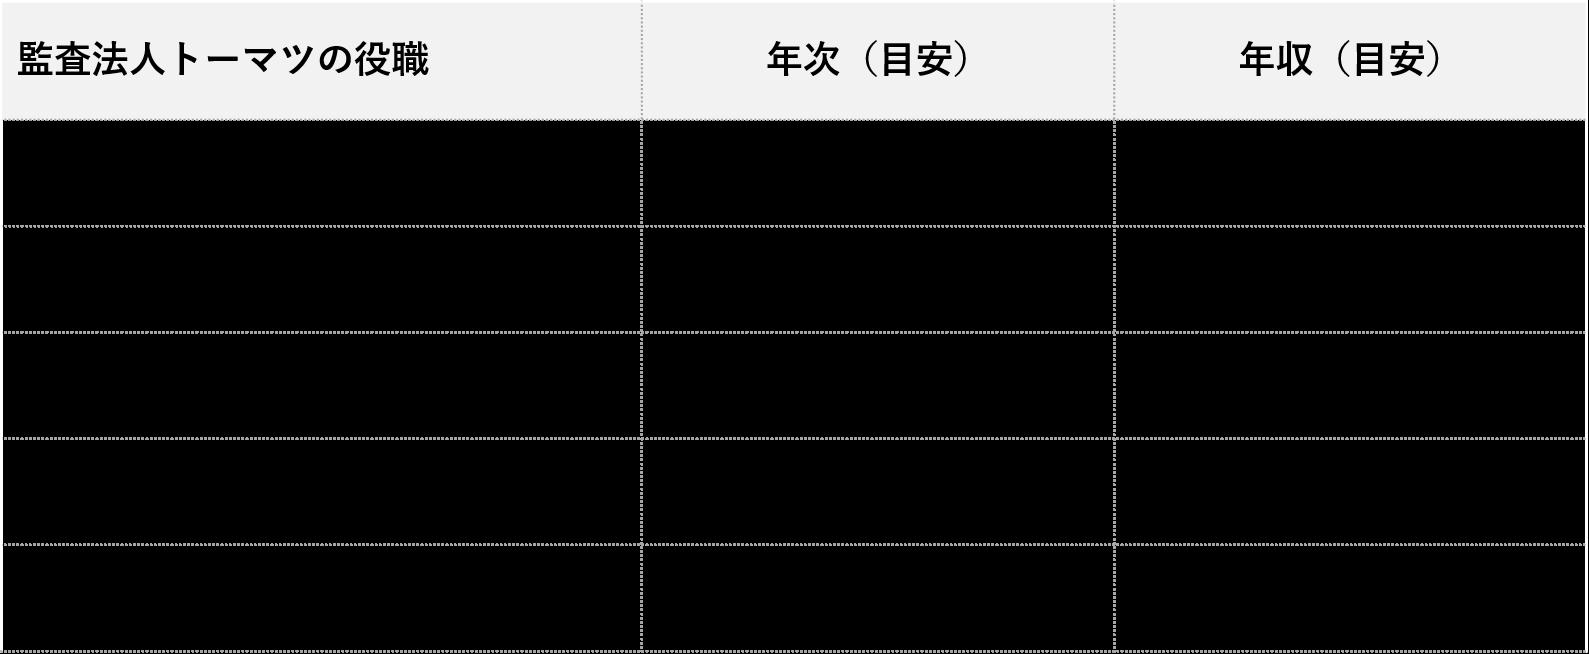 監査法人トーマツ_役職別年収